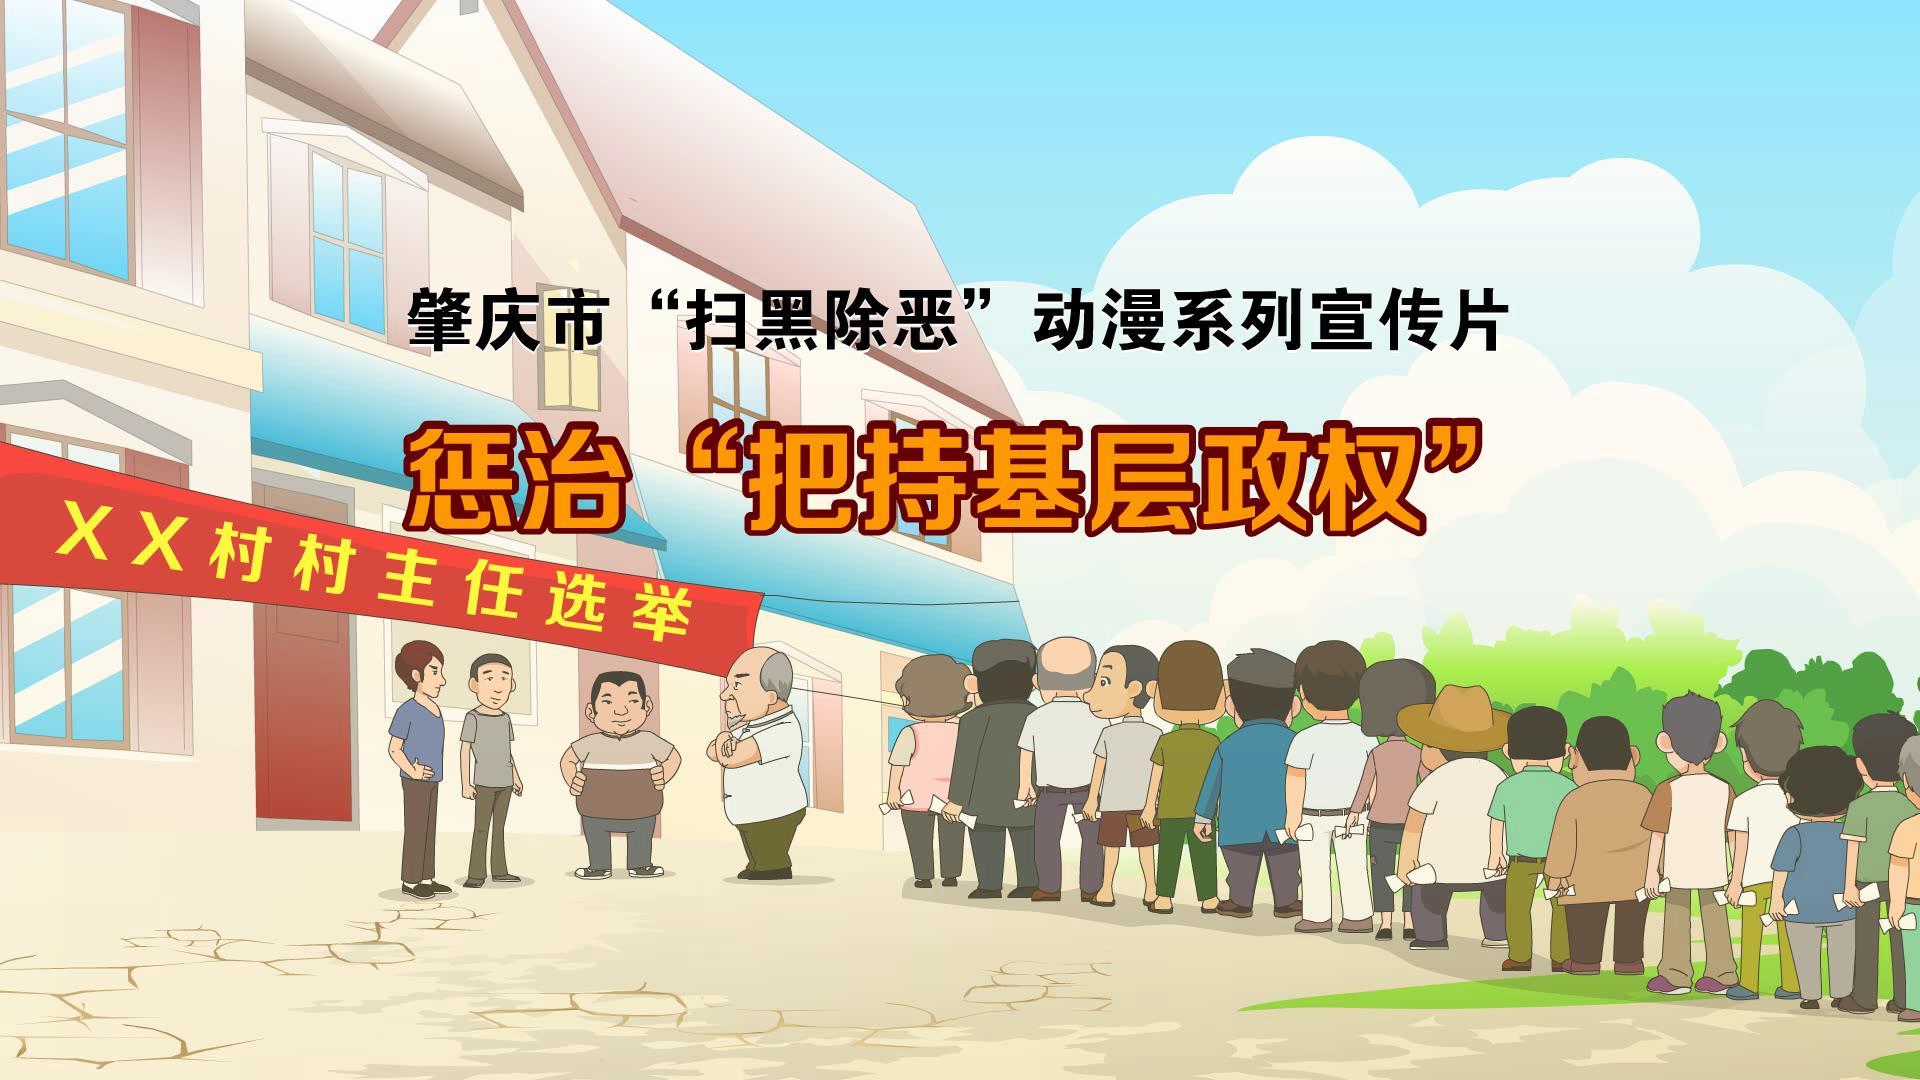 肇庆市扫黑除恶动漫系列宣传片——4.惩治把持基层政权的黑恶势力